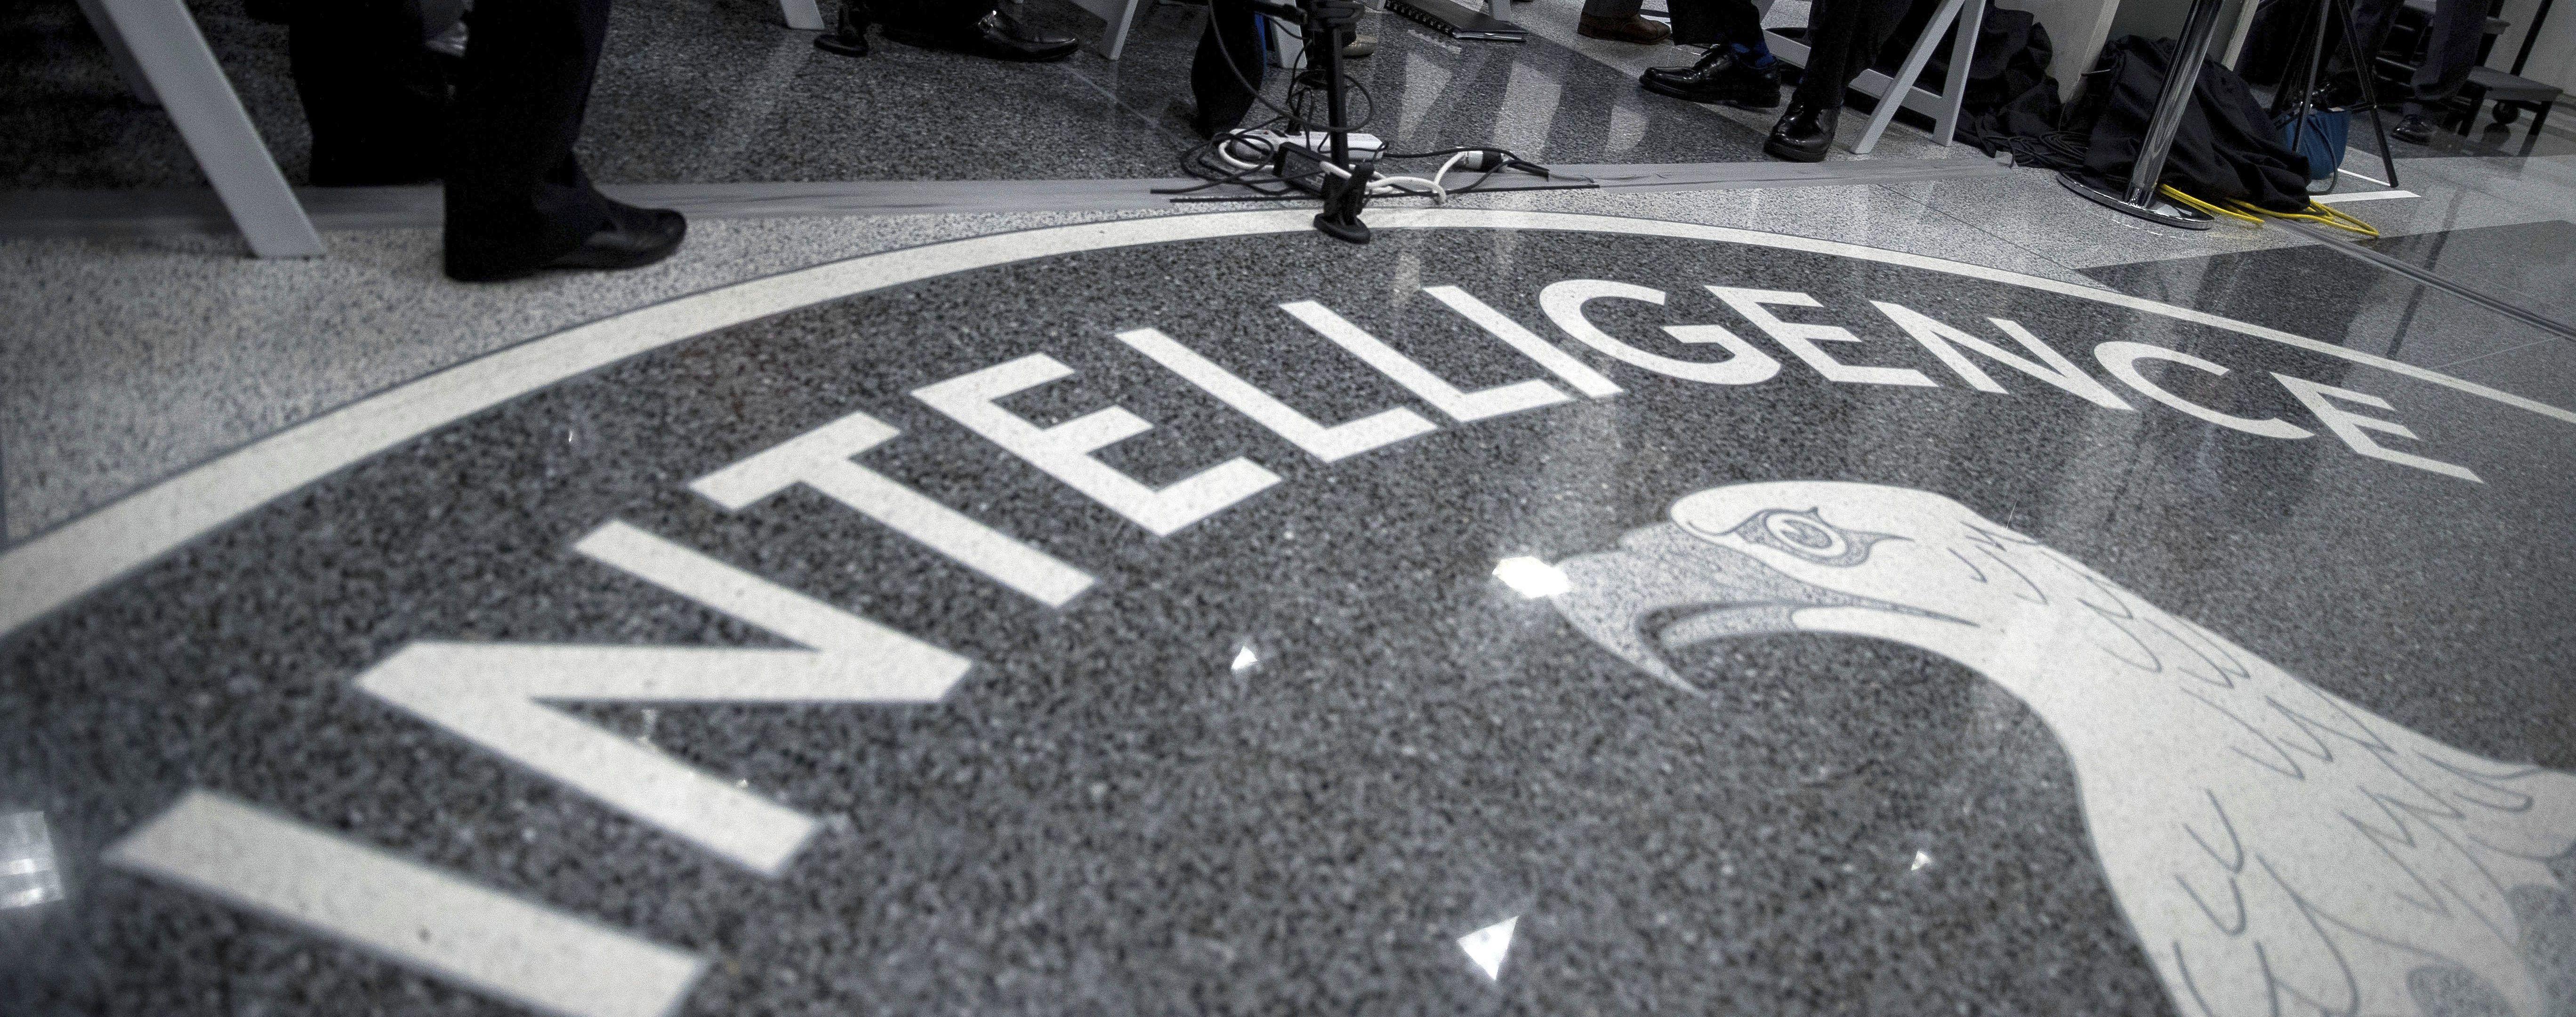 """Під час візиту до Індії у співробітника ЦРУ проявився """"гаванський синдром"""""""